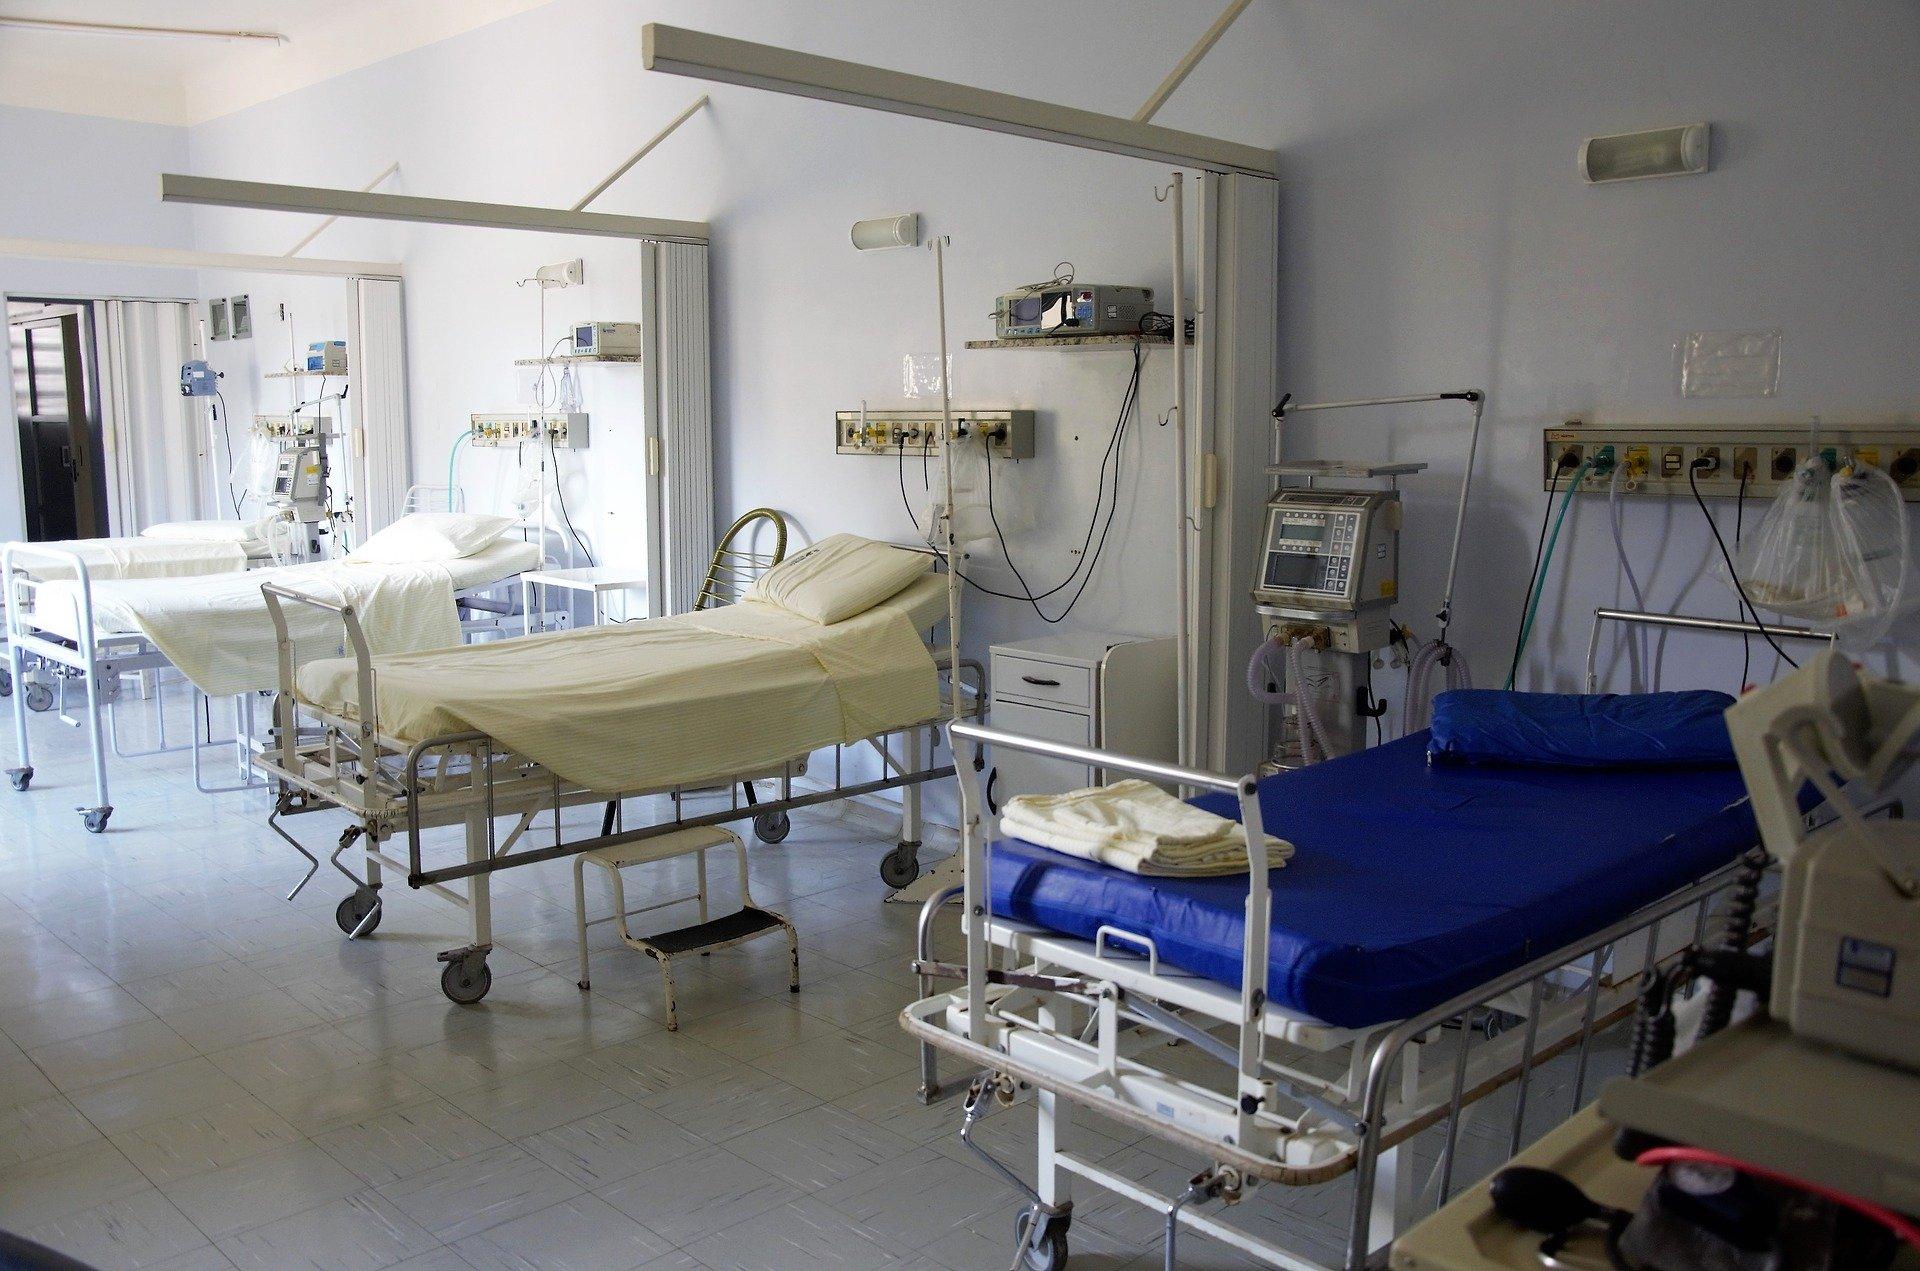 Регион сокращает количество коек для больных коронавирусом